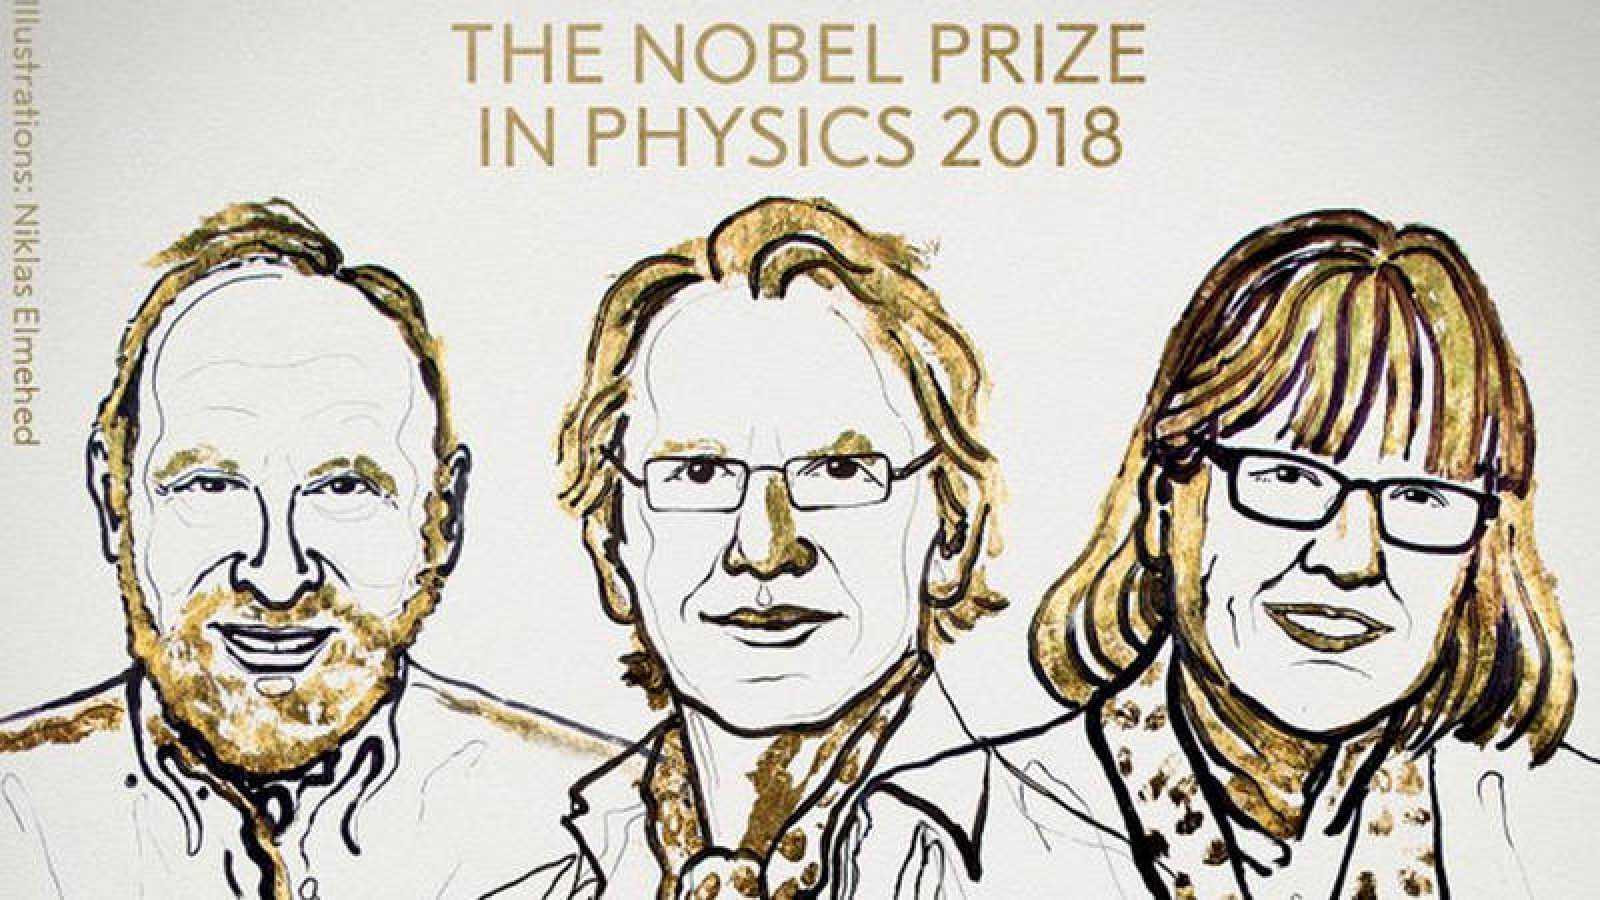 Ilustración de los tres ganadores facilitada por la Real Academia Sueca de las Ciencias.